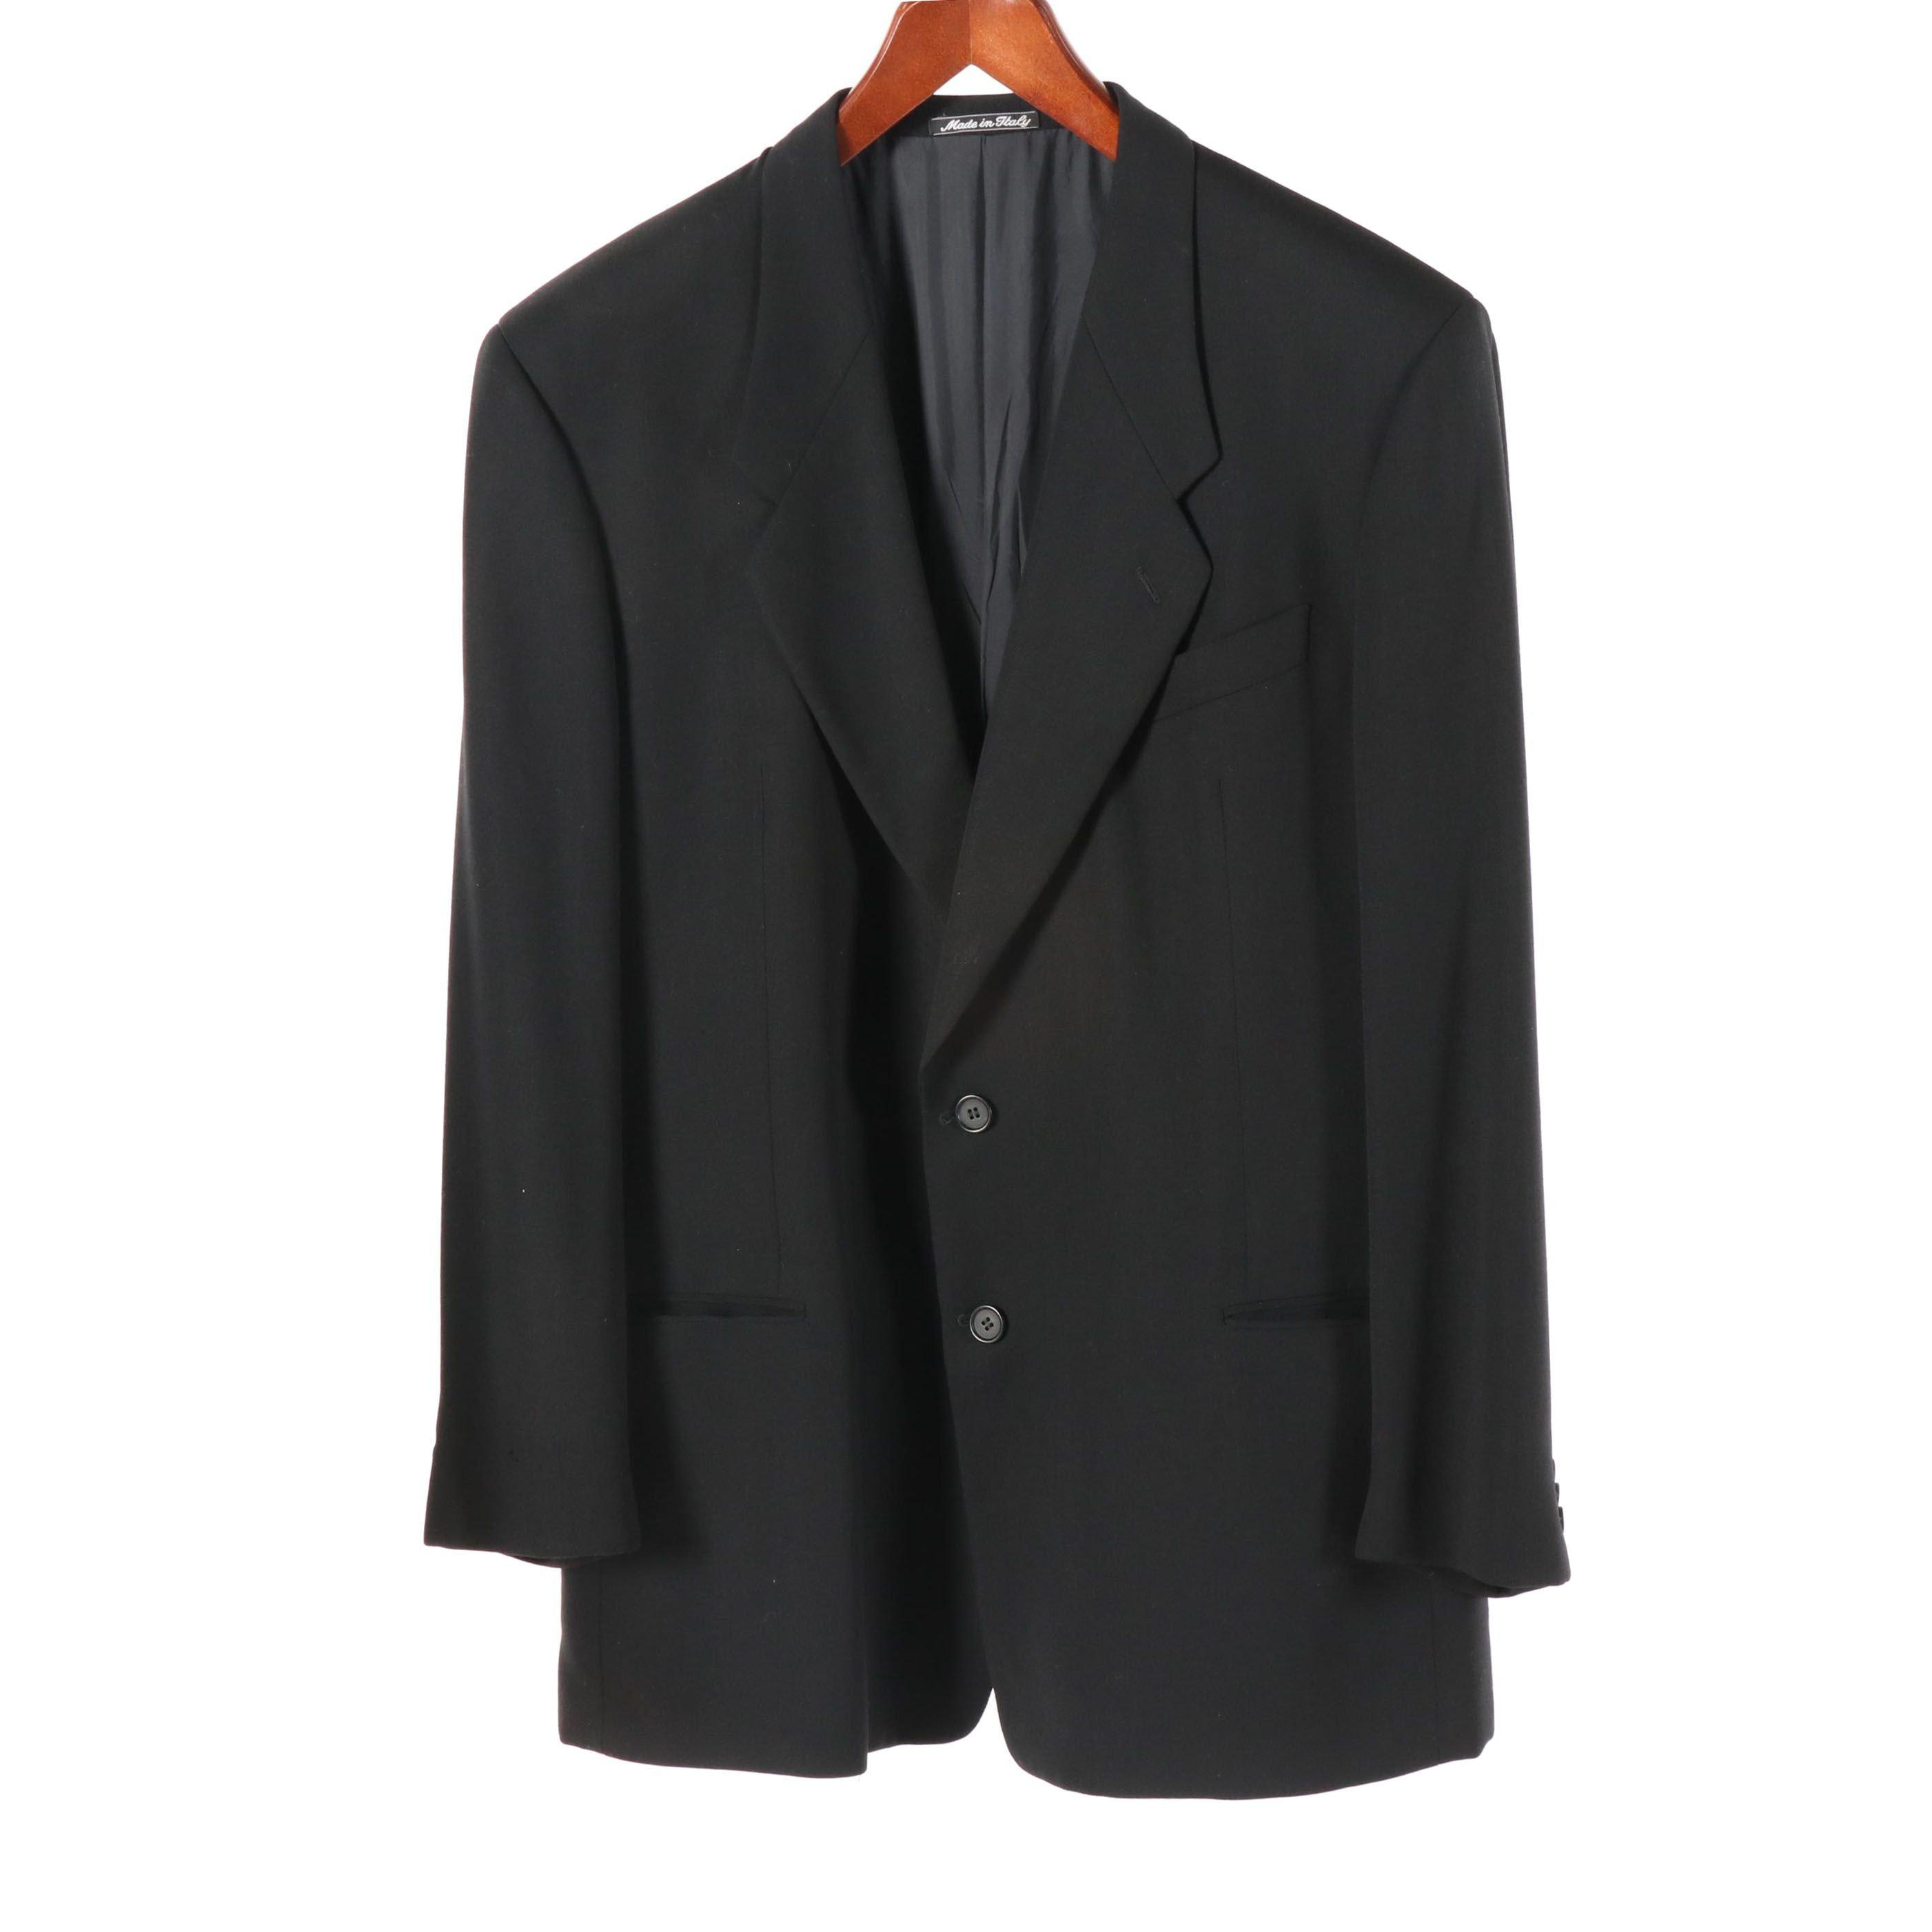 Men's Giorgio Armani Le Collezioni Black Wool Jacket, Made in Italy